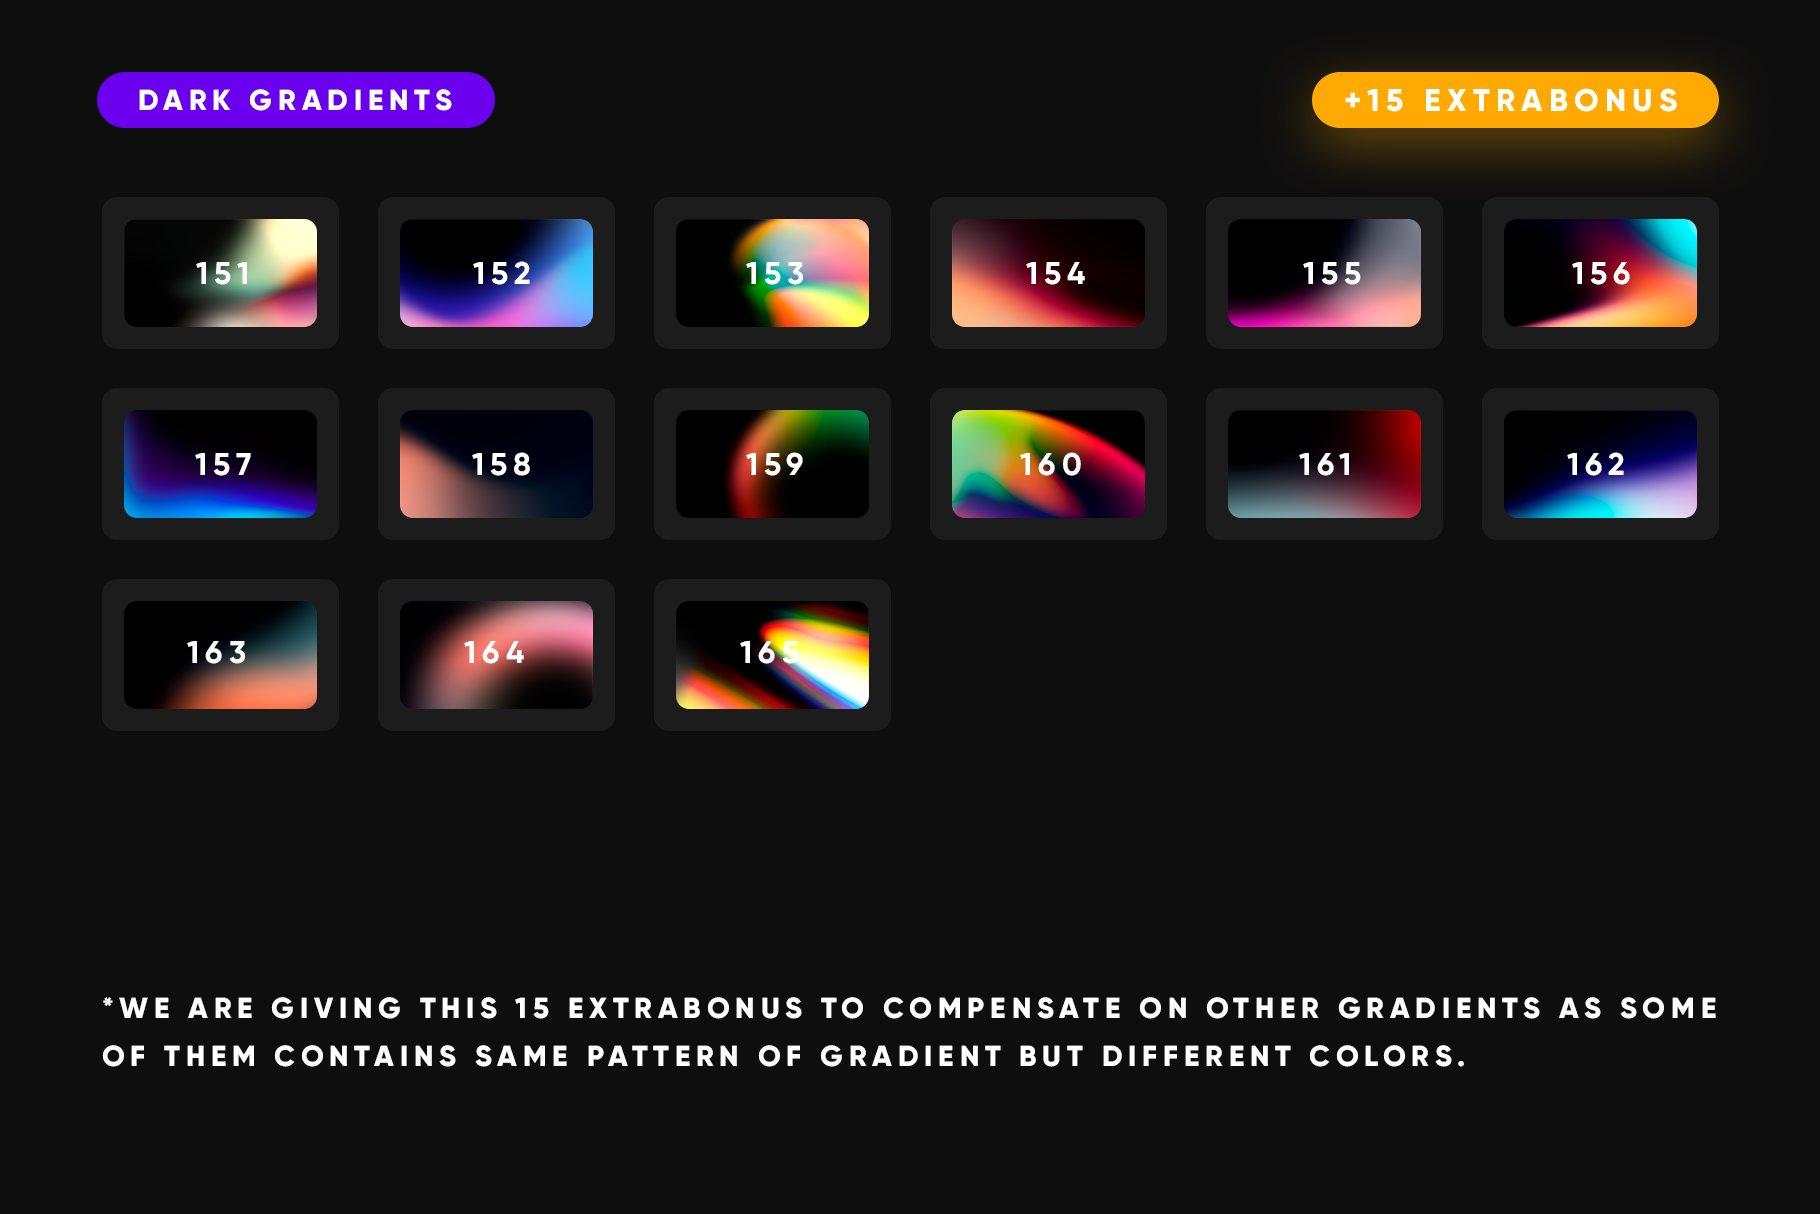 [淘宝购买] 165款虹彩炫彩渐变酸性APP设计手机屏保壁纸背景图片素材 150 Dark Gradients Collection插图7